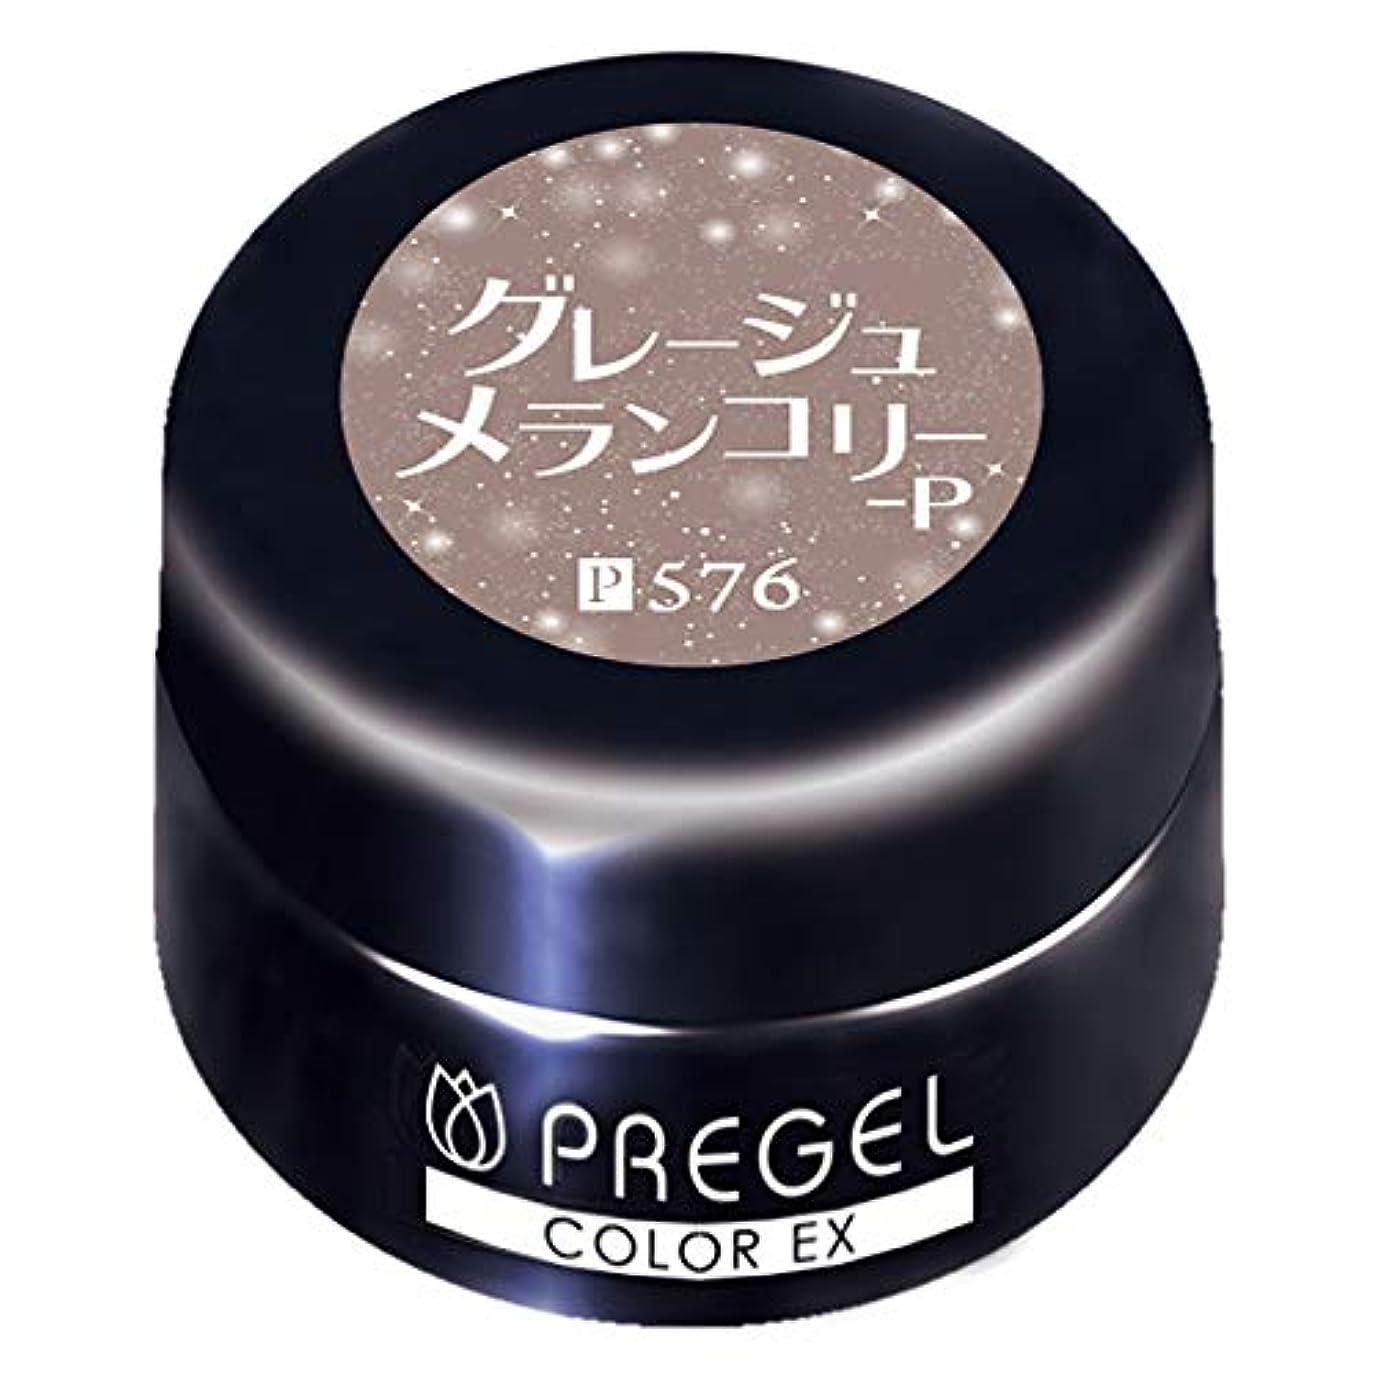 一貫性のないパワー真実PRE GEL(プリジェル) PRE GEL カラージェル カラーEX グレージュメランコリー-P 3g PG-CE576 UV/LED対応 ジェルネイル